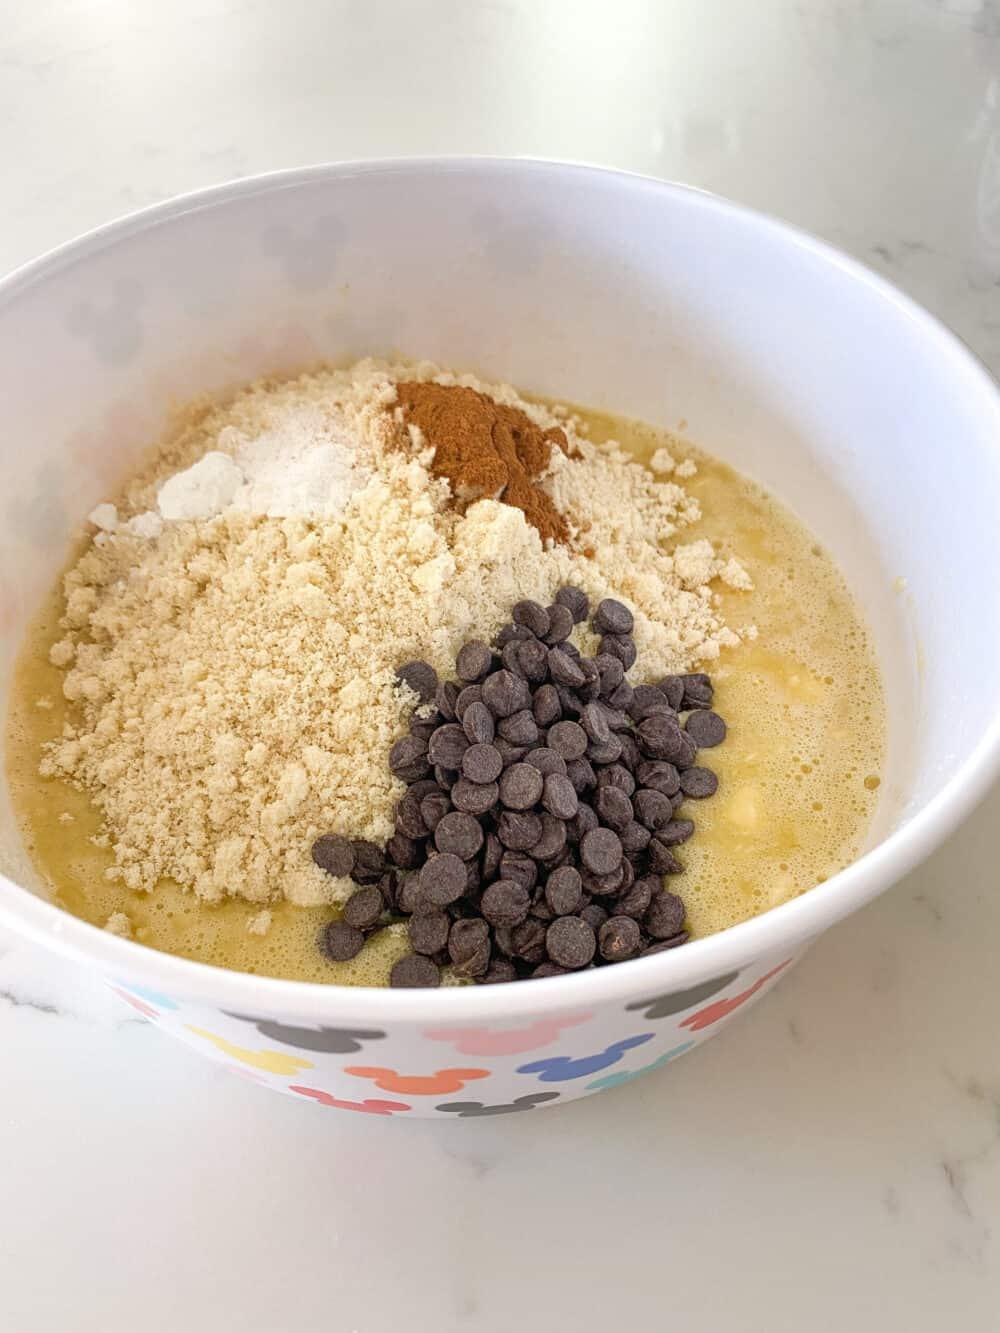 dry keto banana bread ingredients in bowl